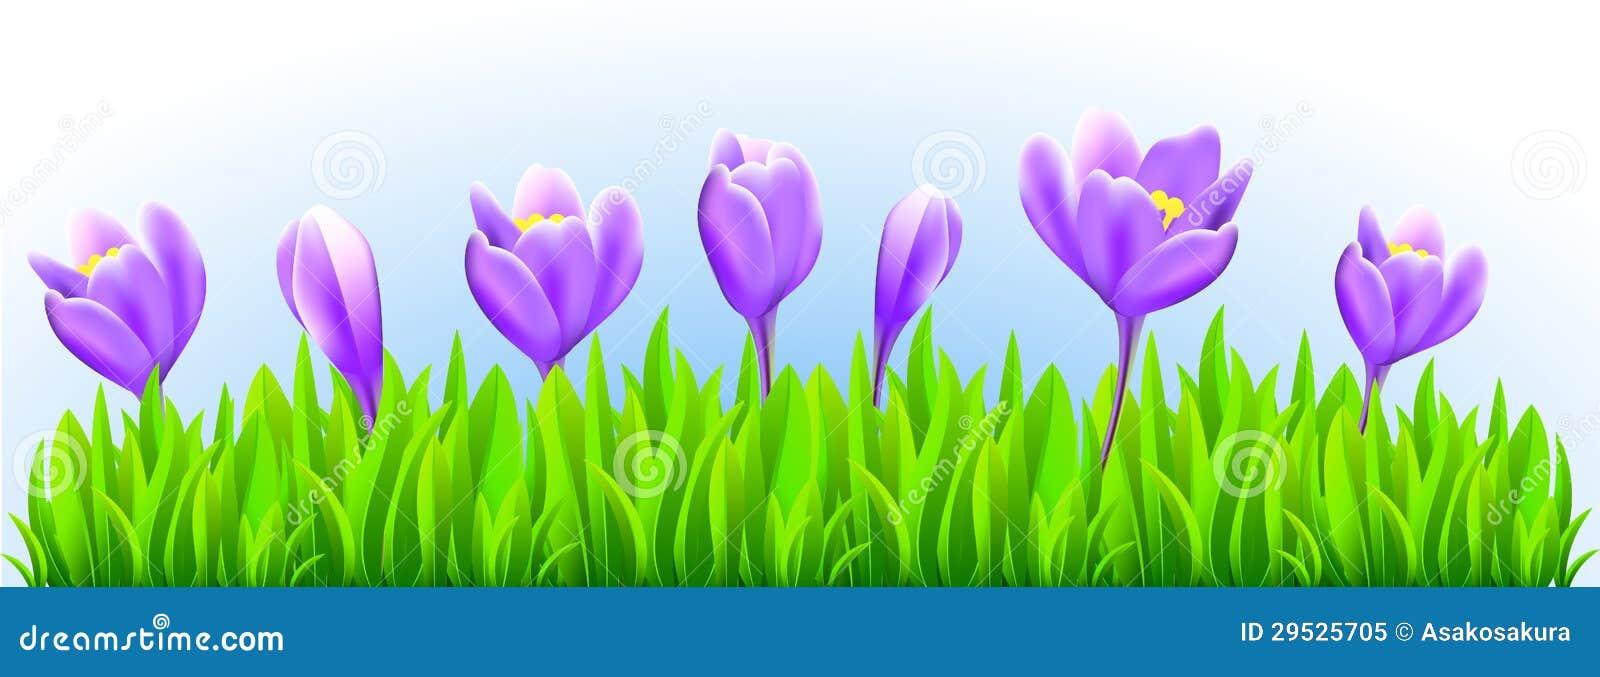 Fresh Spring Flower Border Stock Vector Illustration Of Land 29525705